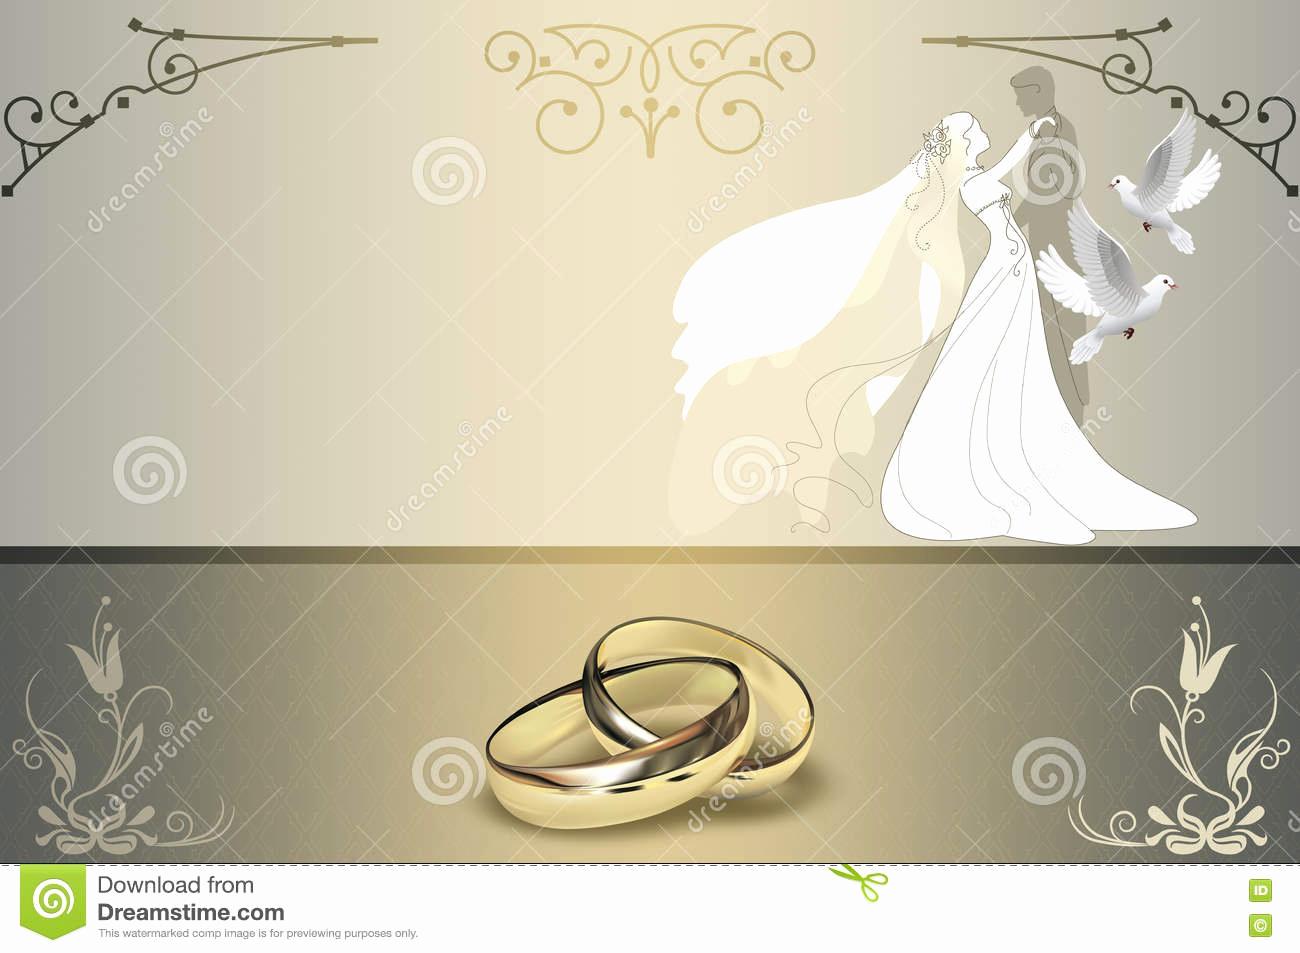 Wedding Invitation Background Designs Best Of Wedding Invitation Card Design Stock Illustration